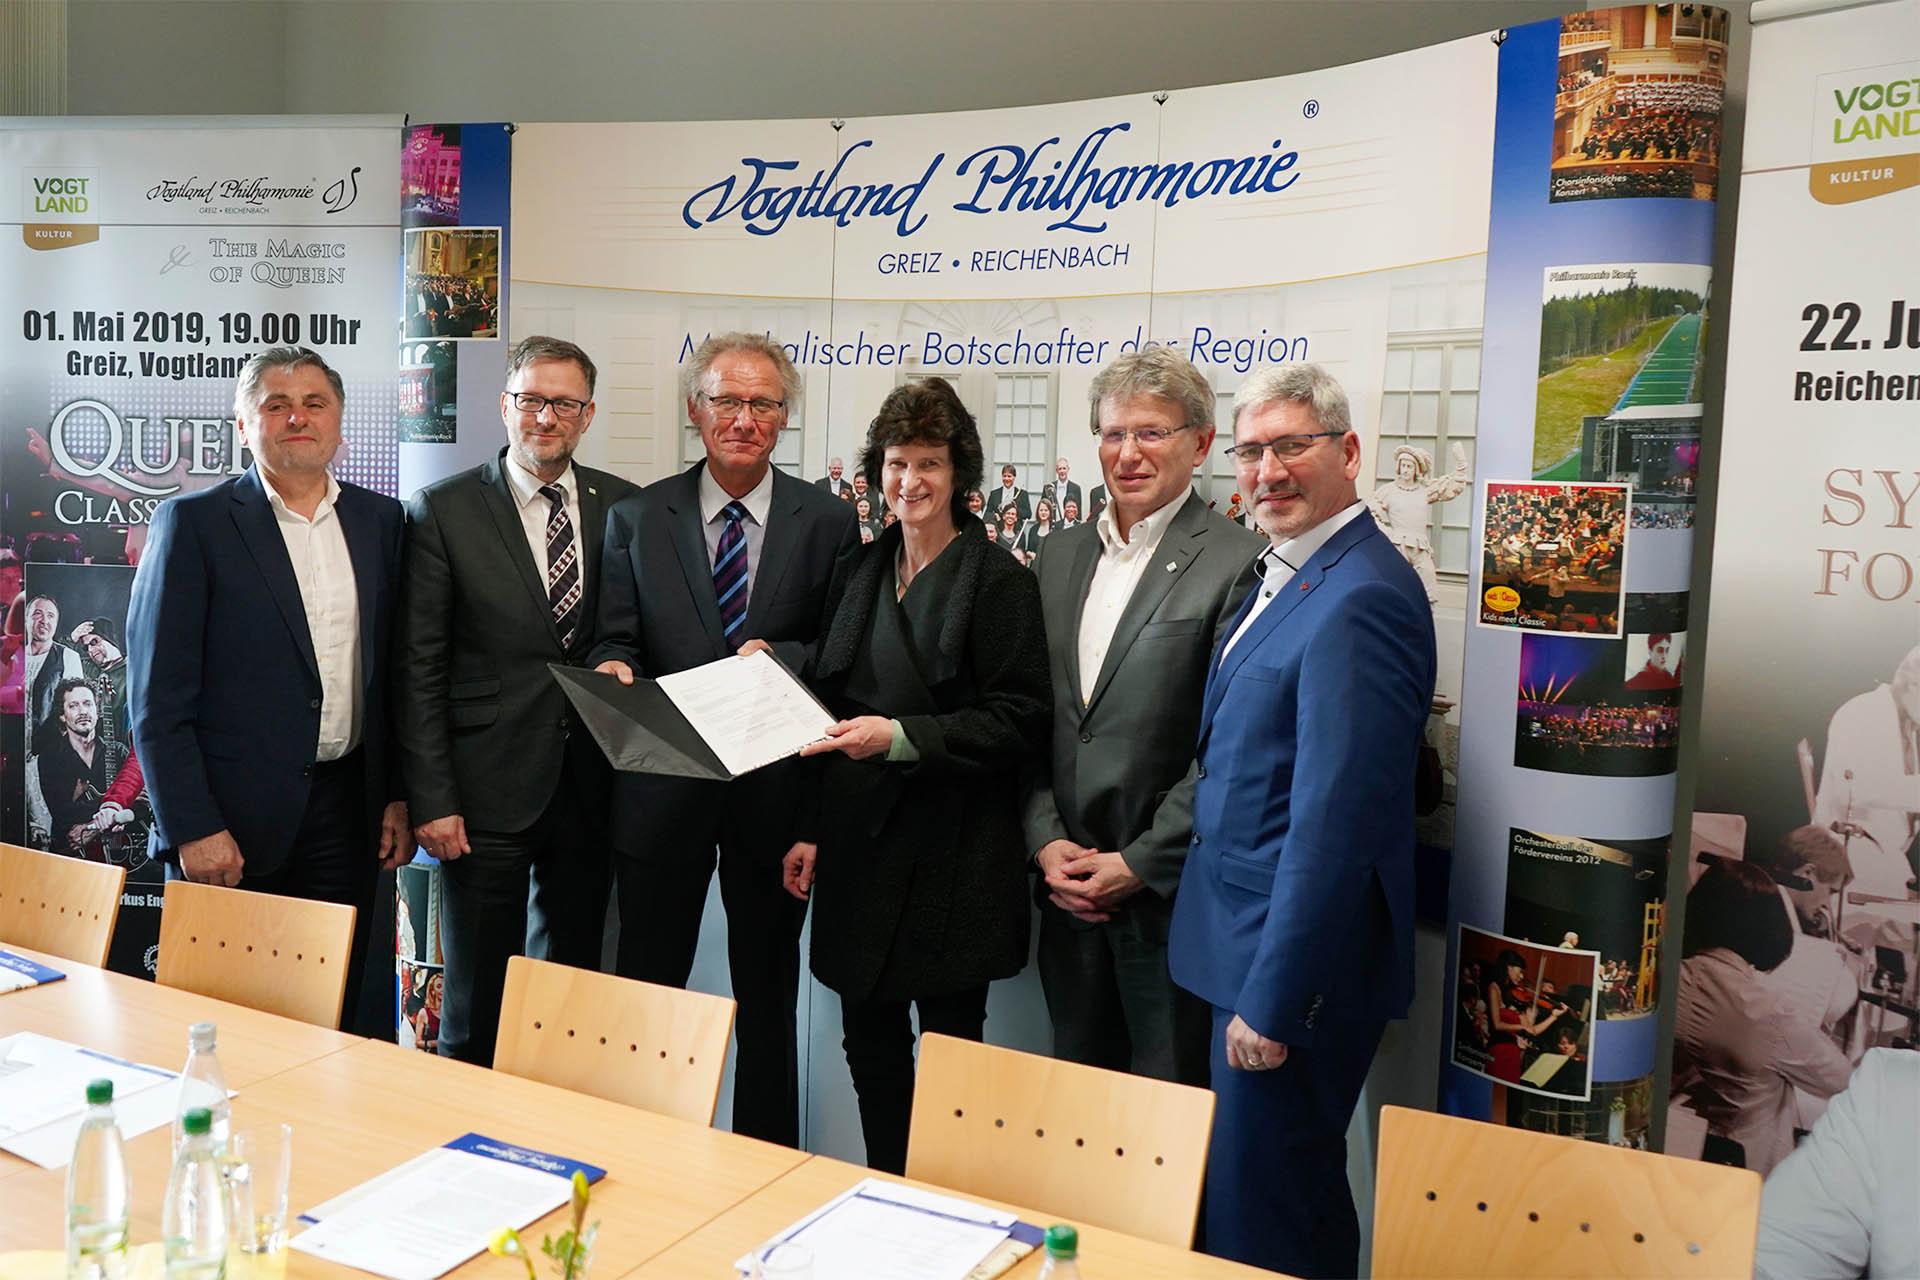 Anhebung der Gehälter für Musiker der Vogtland Philharmonie